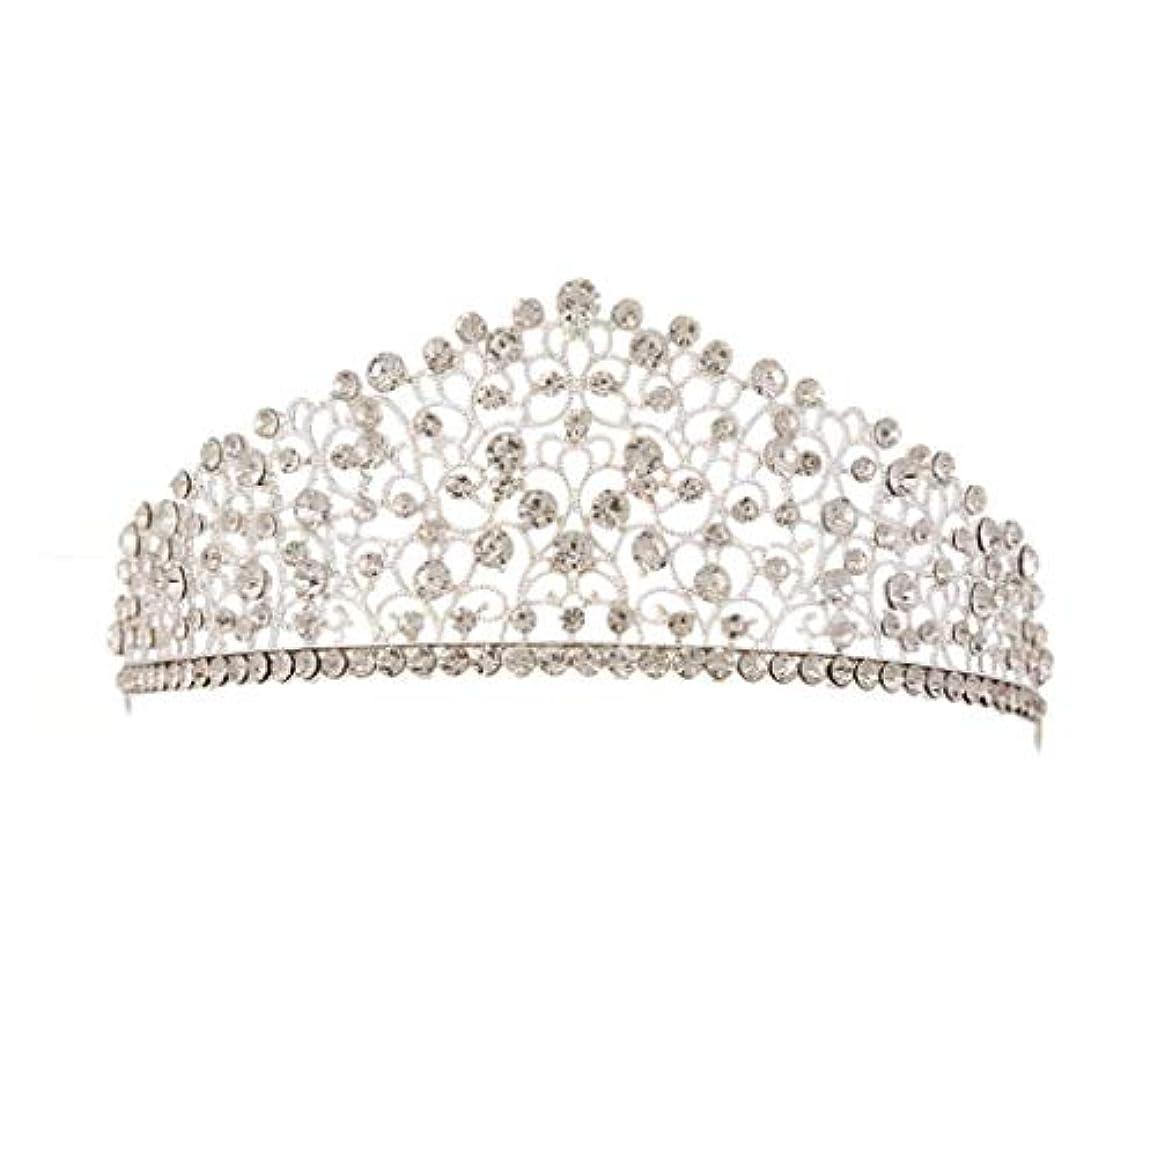 わざわざ段落推定する花嫁のクラウンウェディングティアラプリンセスヘアバンドクリスマスの贈り物ウェディングアクセサリー (Color : Crown, Size : S)